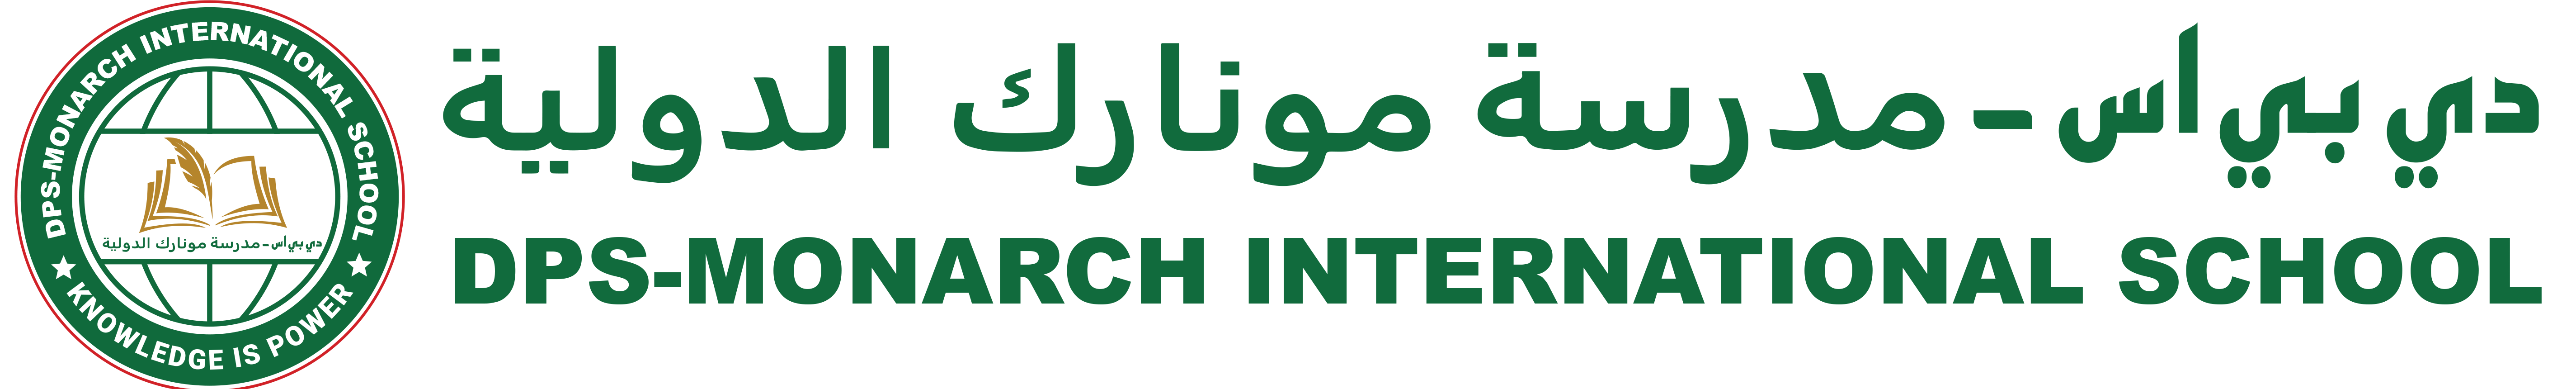 DPS Monarch International School Qatar